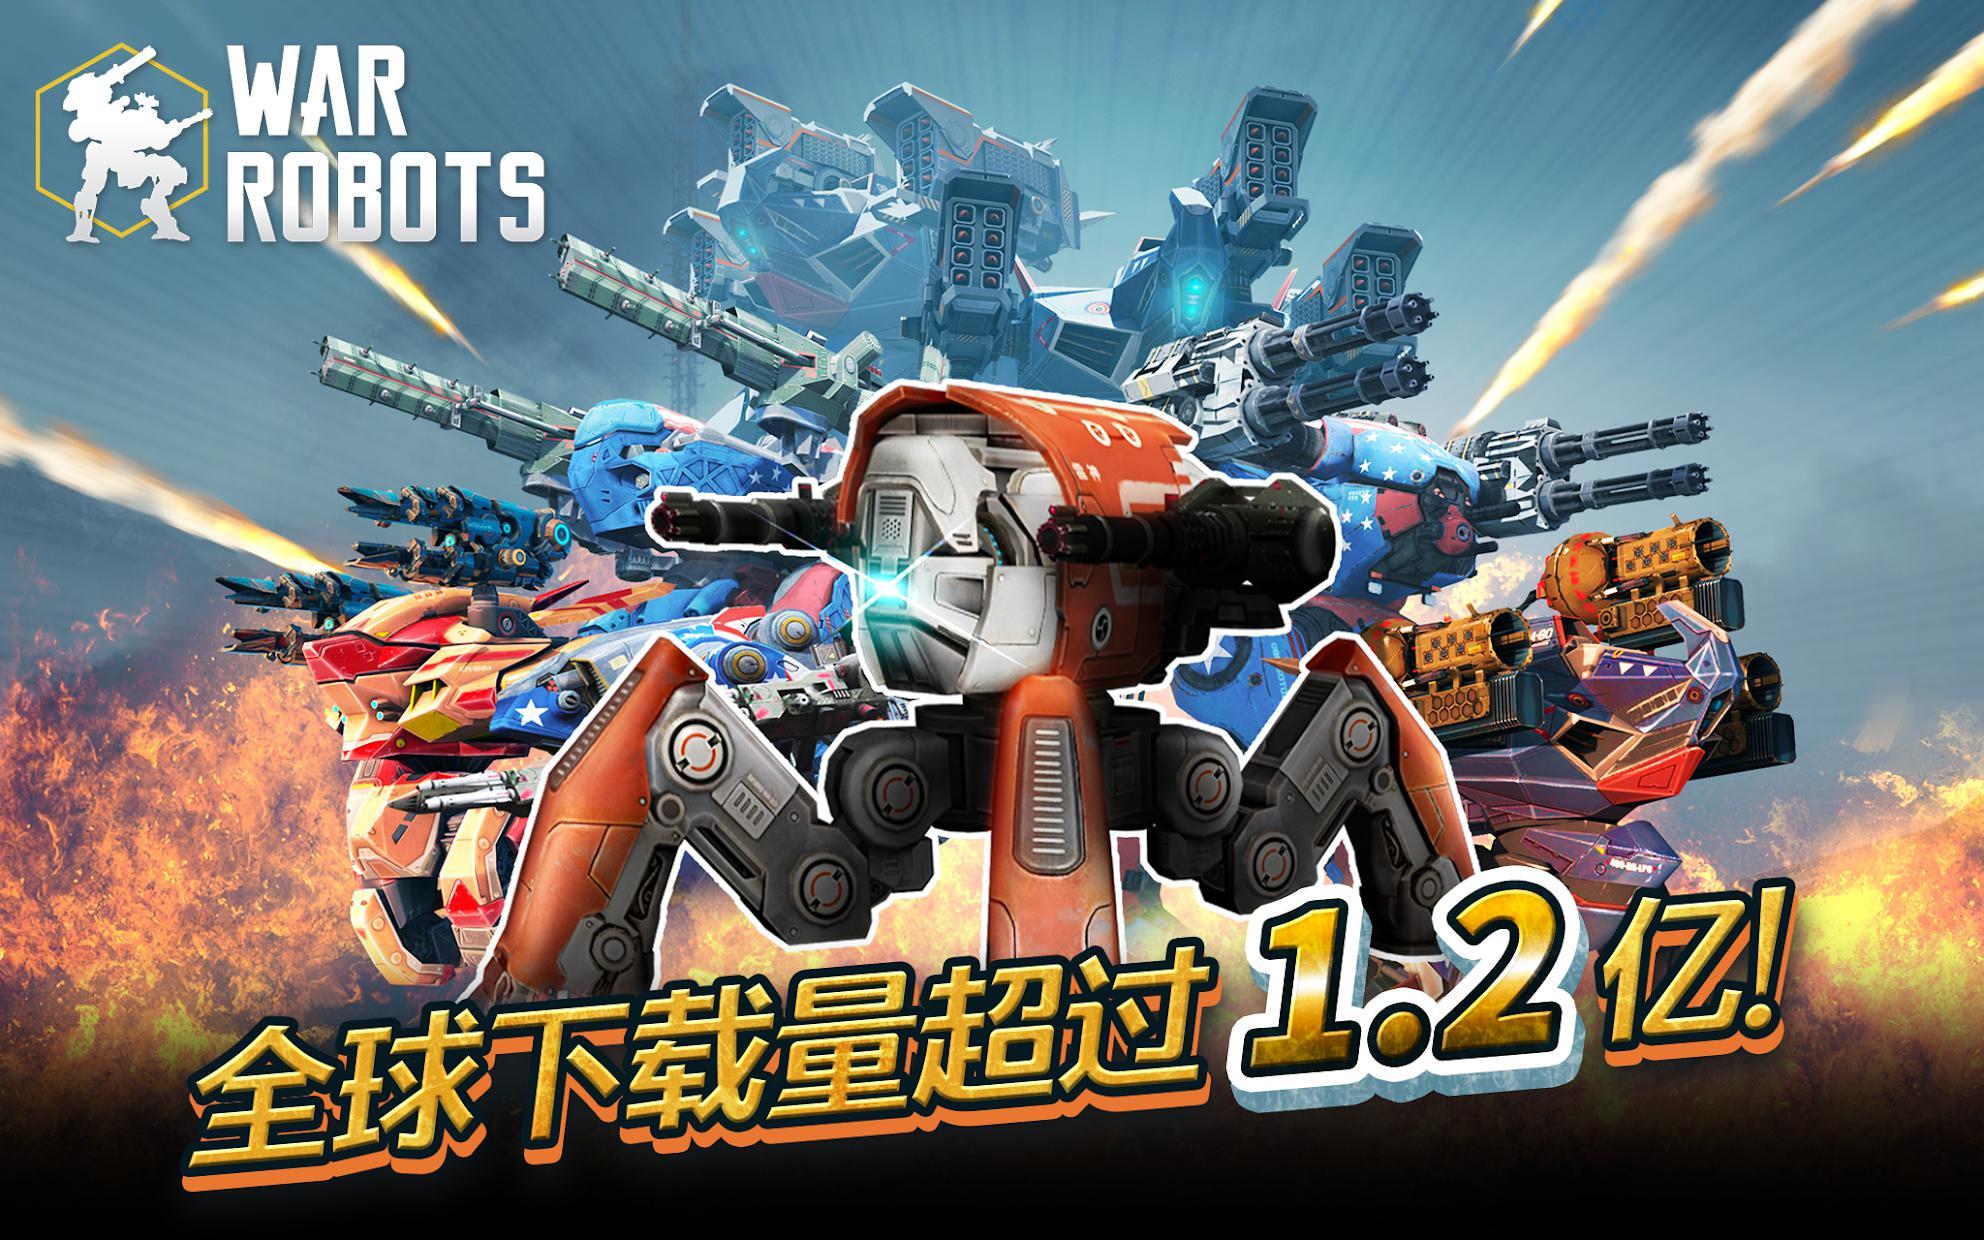 战争机器人(War Robots) 游戏截图1